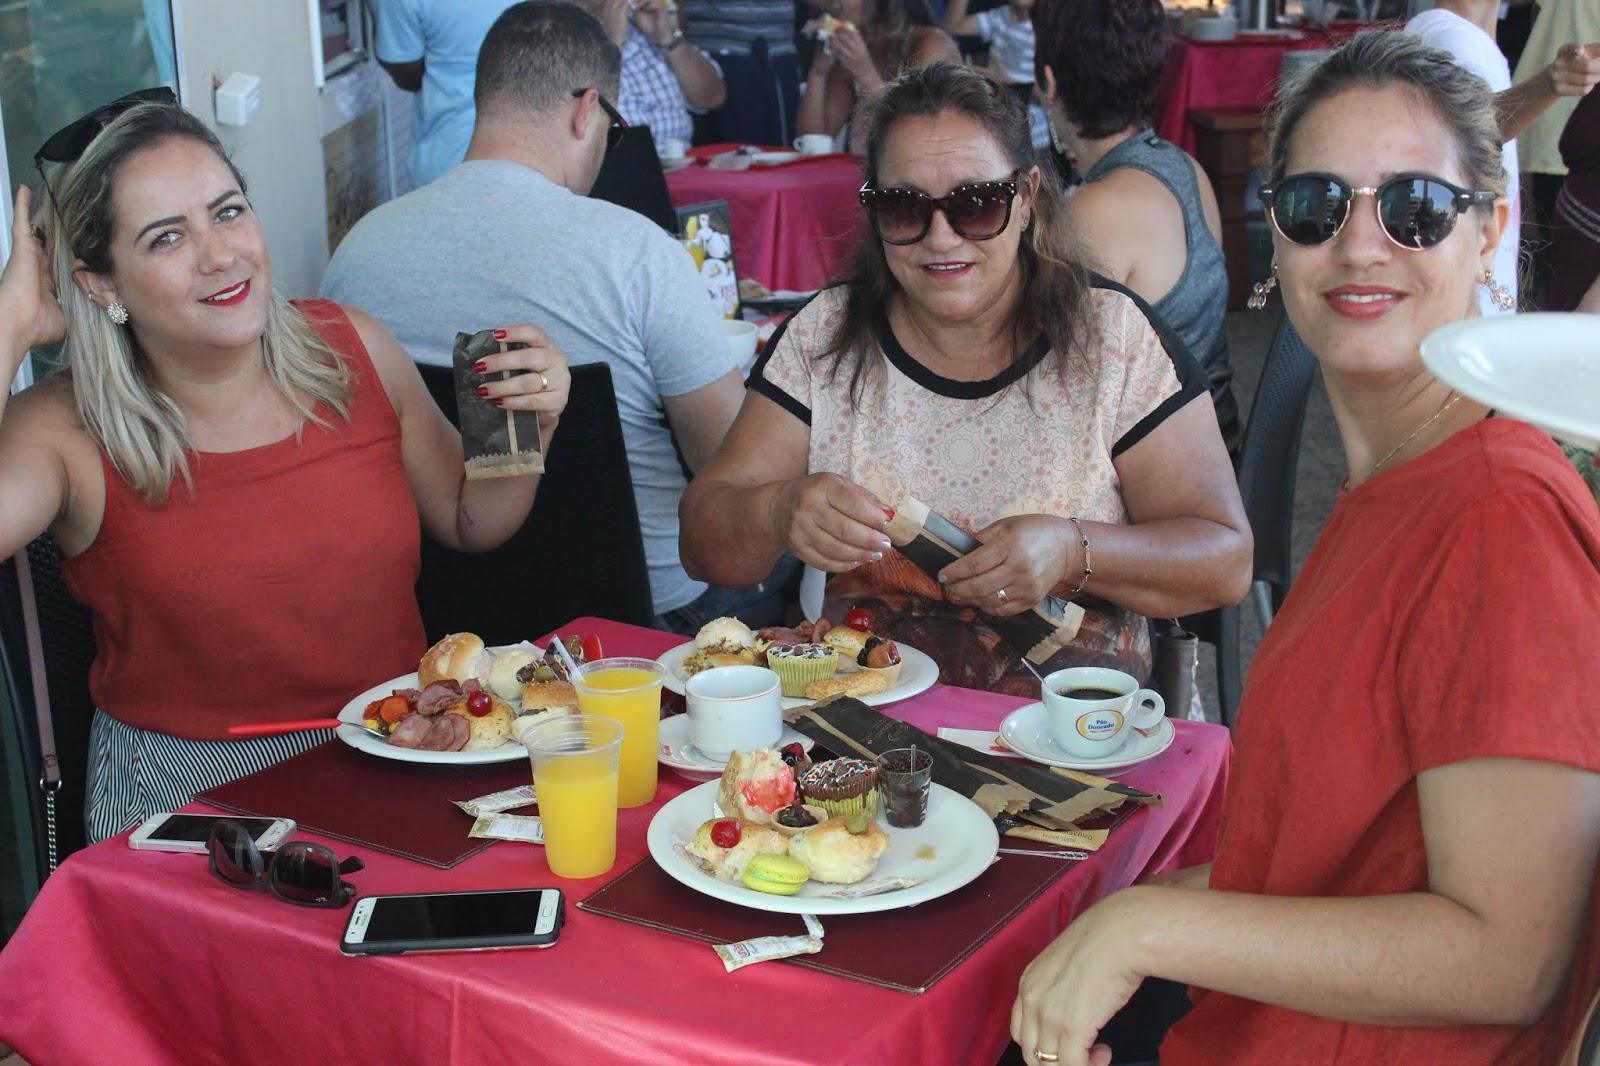 IMG 3615 - Dia 12 de maio dia das Mães no Jardins Mangueiral foi com muta diverção e alegria com um lindo café da manha